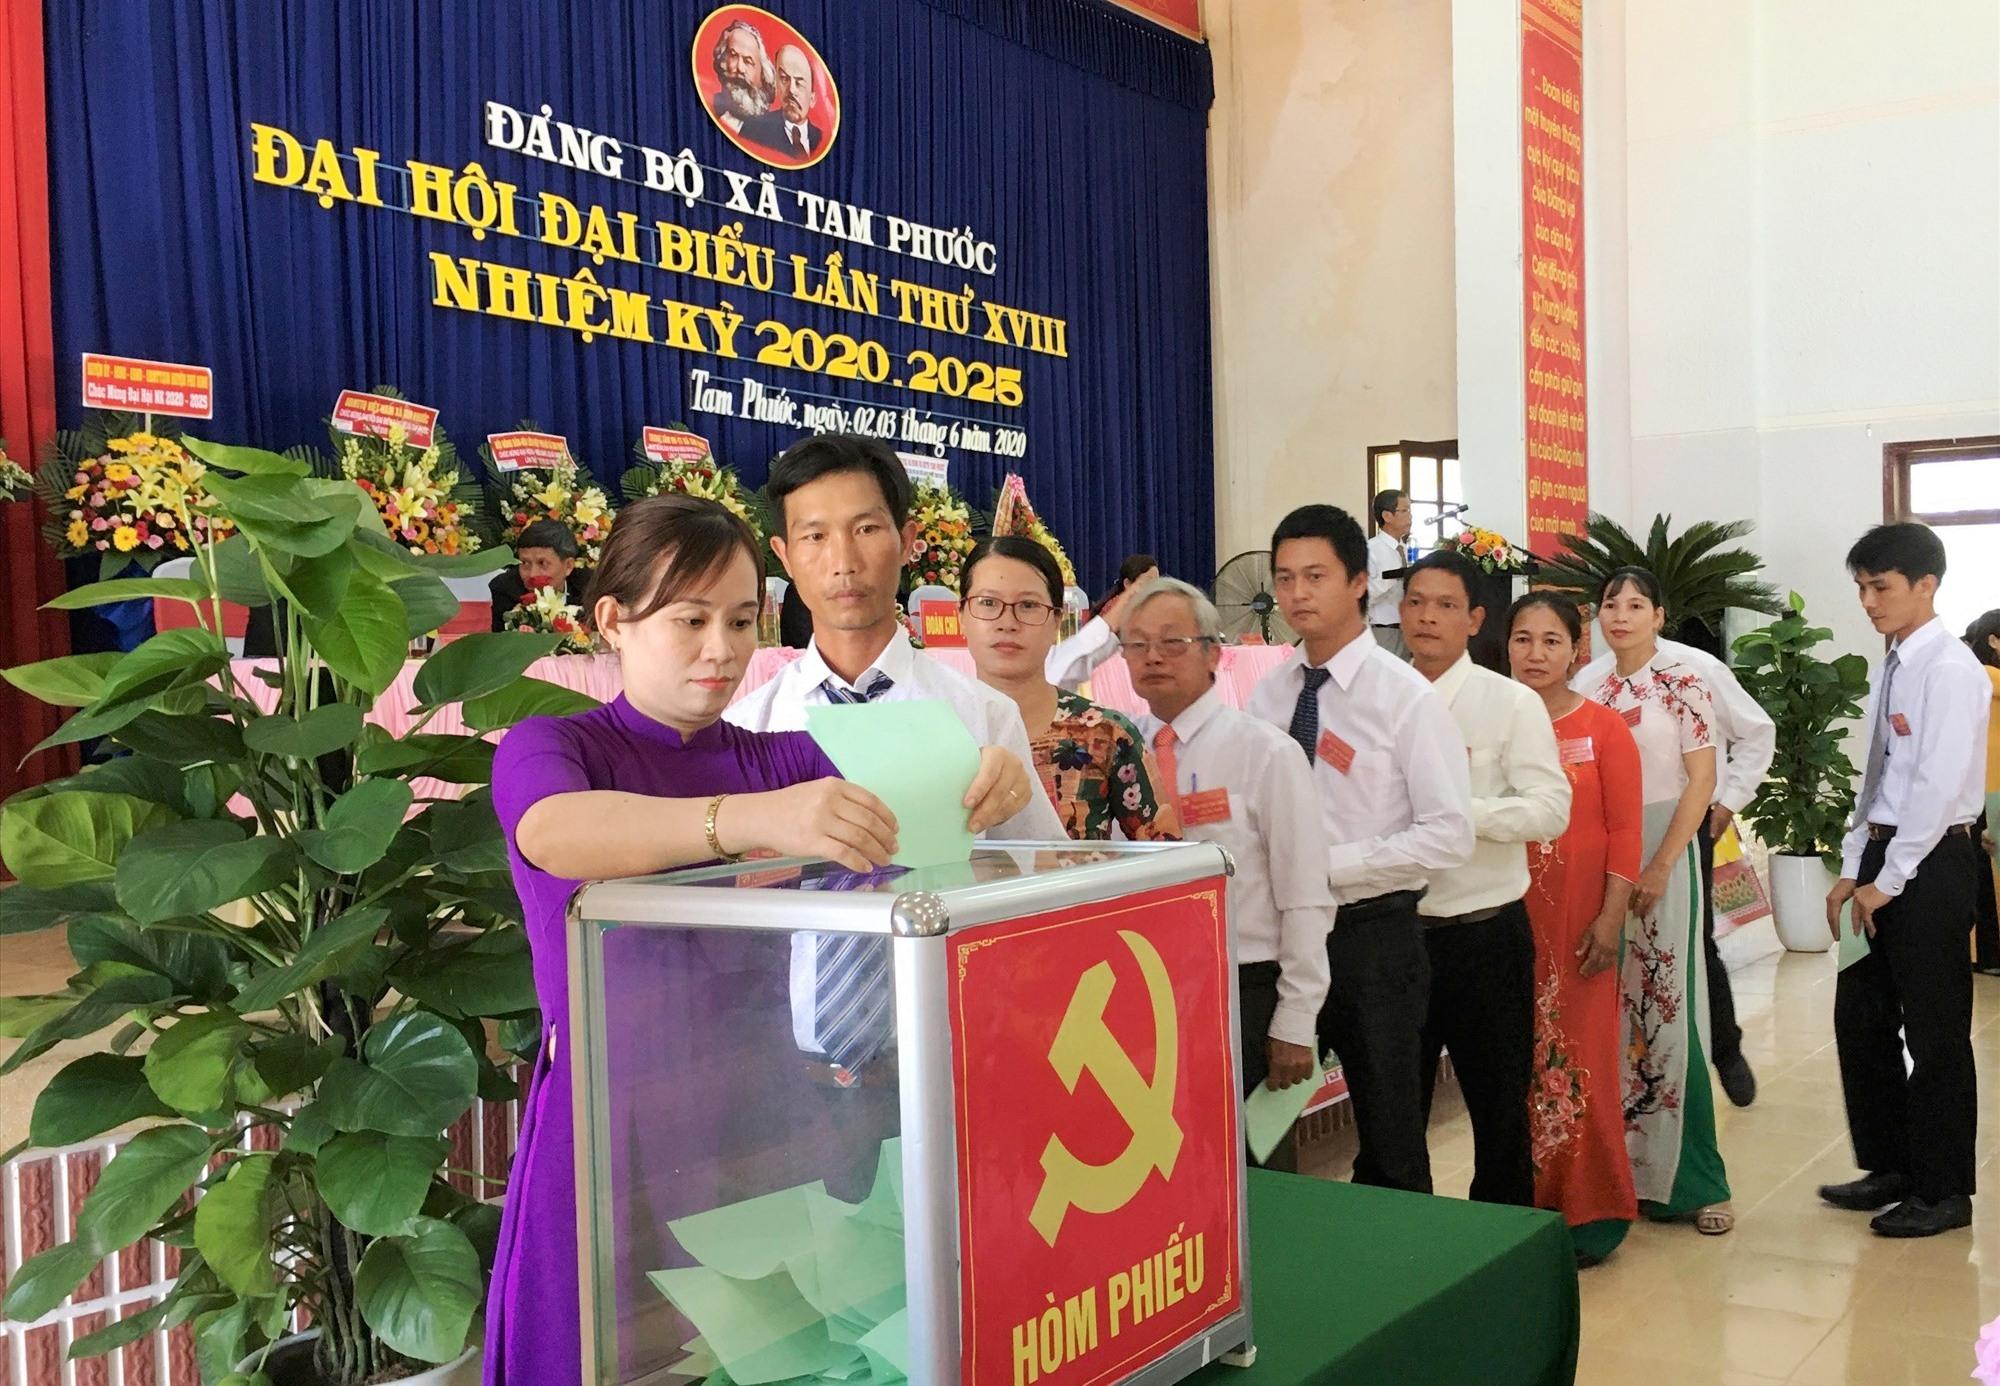 Đại hội tiến hành công tác bầu cử Ban Chấp hành Đảng bộ xã Tam phước khóa XVIII. Ảnh: H.C